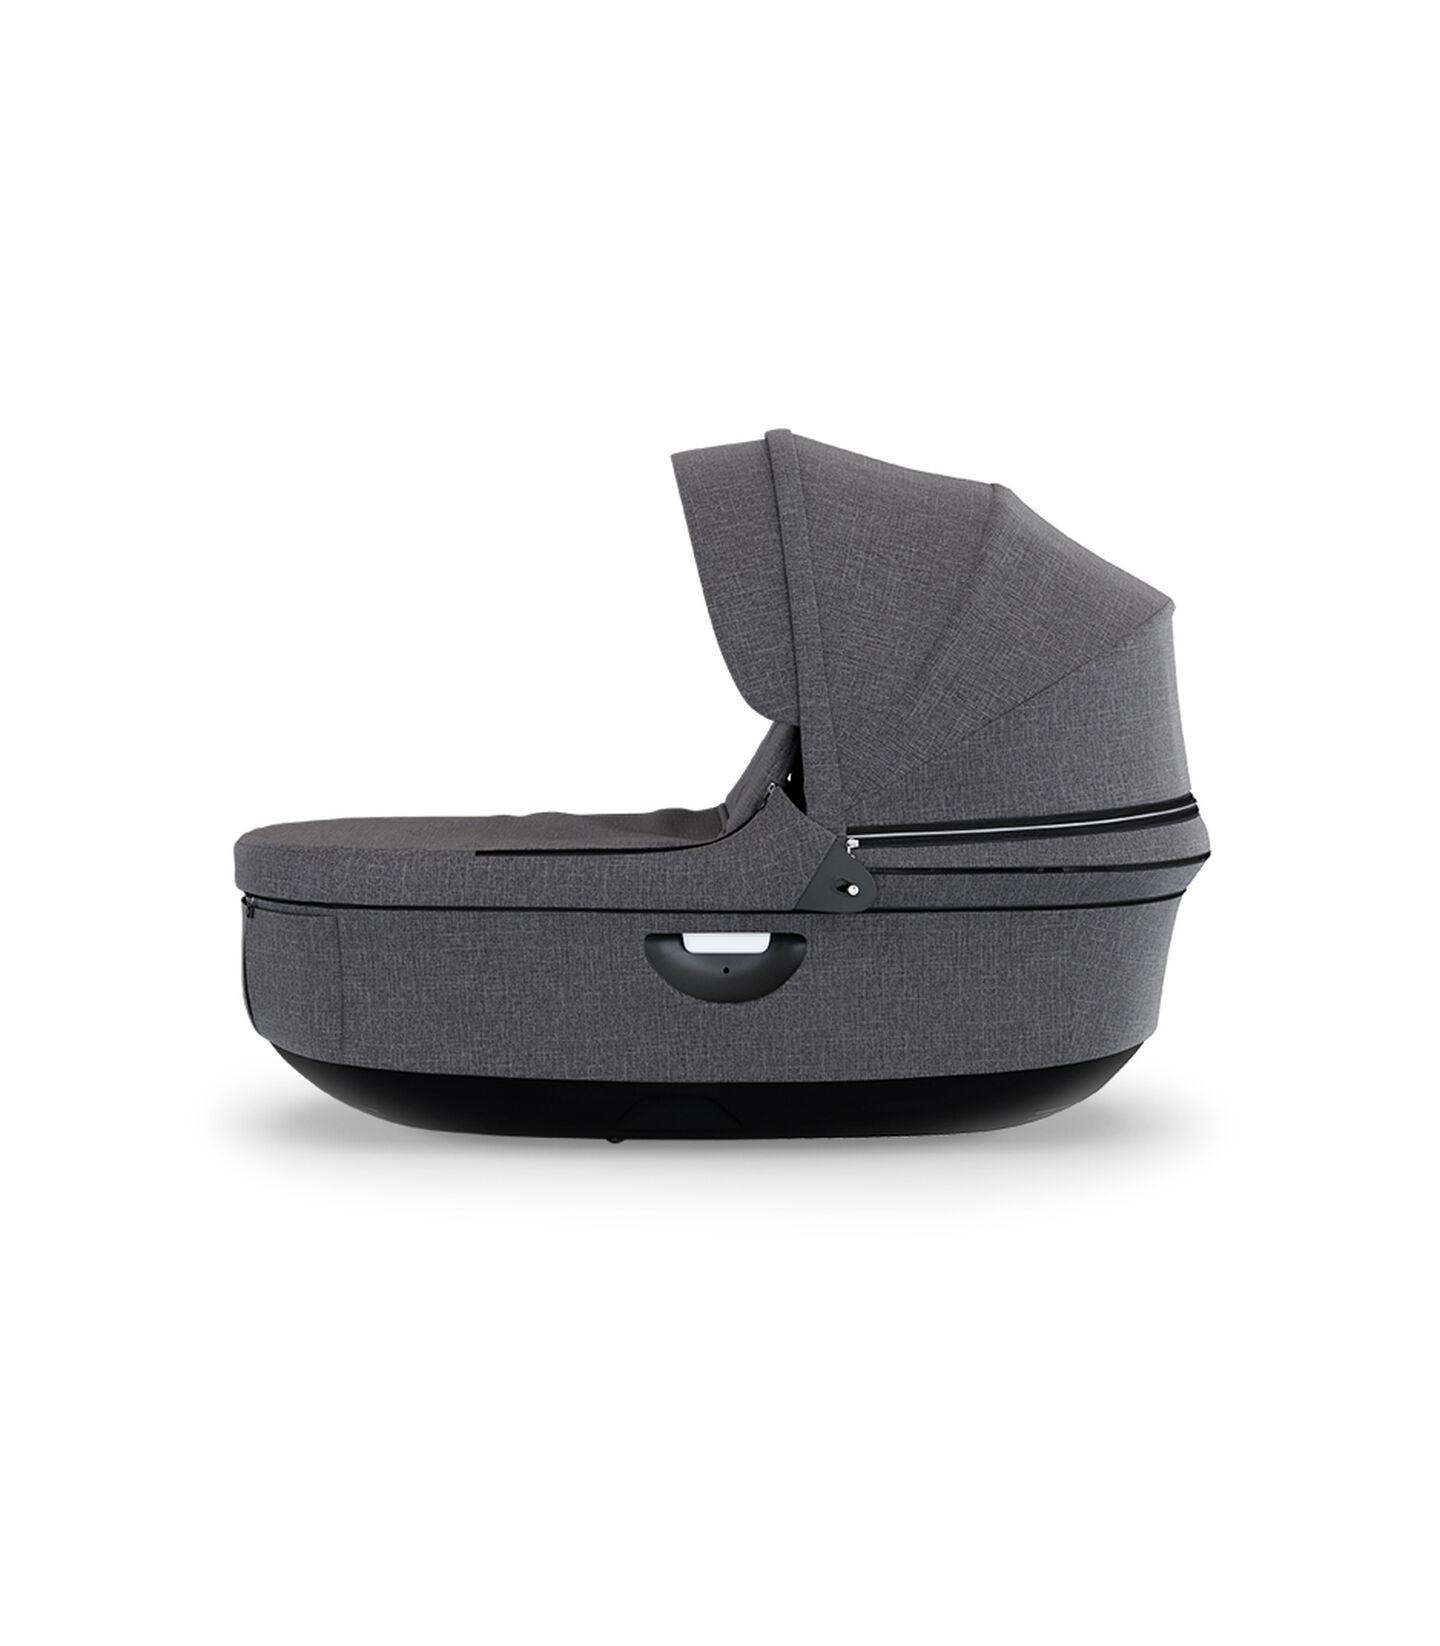 Stokke® Stroller Black Carry Cot Black Melange, Black Melange, mainview